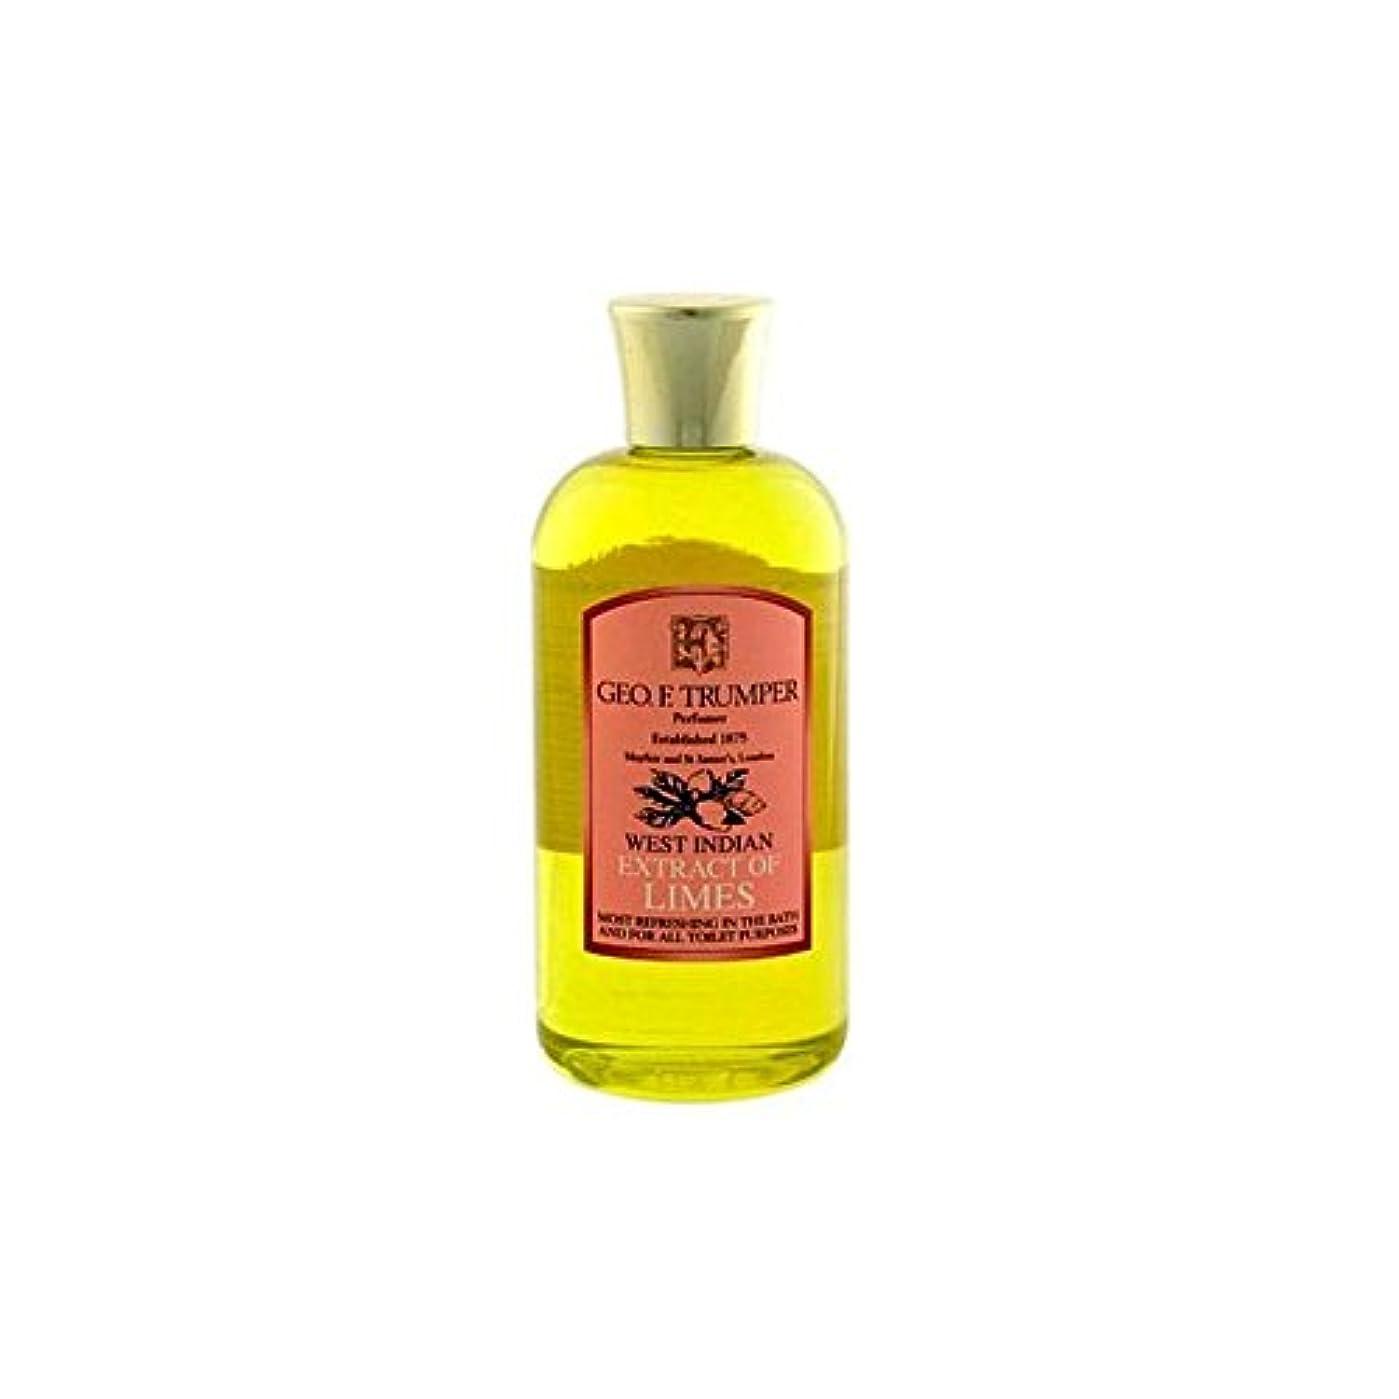 と組むバイオレットマザーランドTrumpers Extracts of Limes Bath and Shower Gel 200ml - ライムのバスタブとシャワージェル200の抽出物を [並行輸入品]